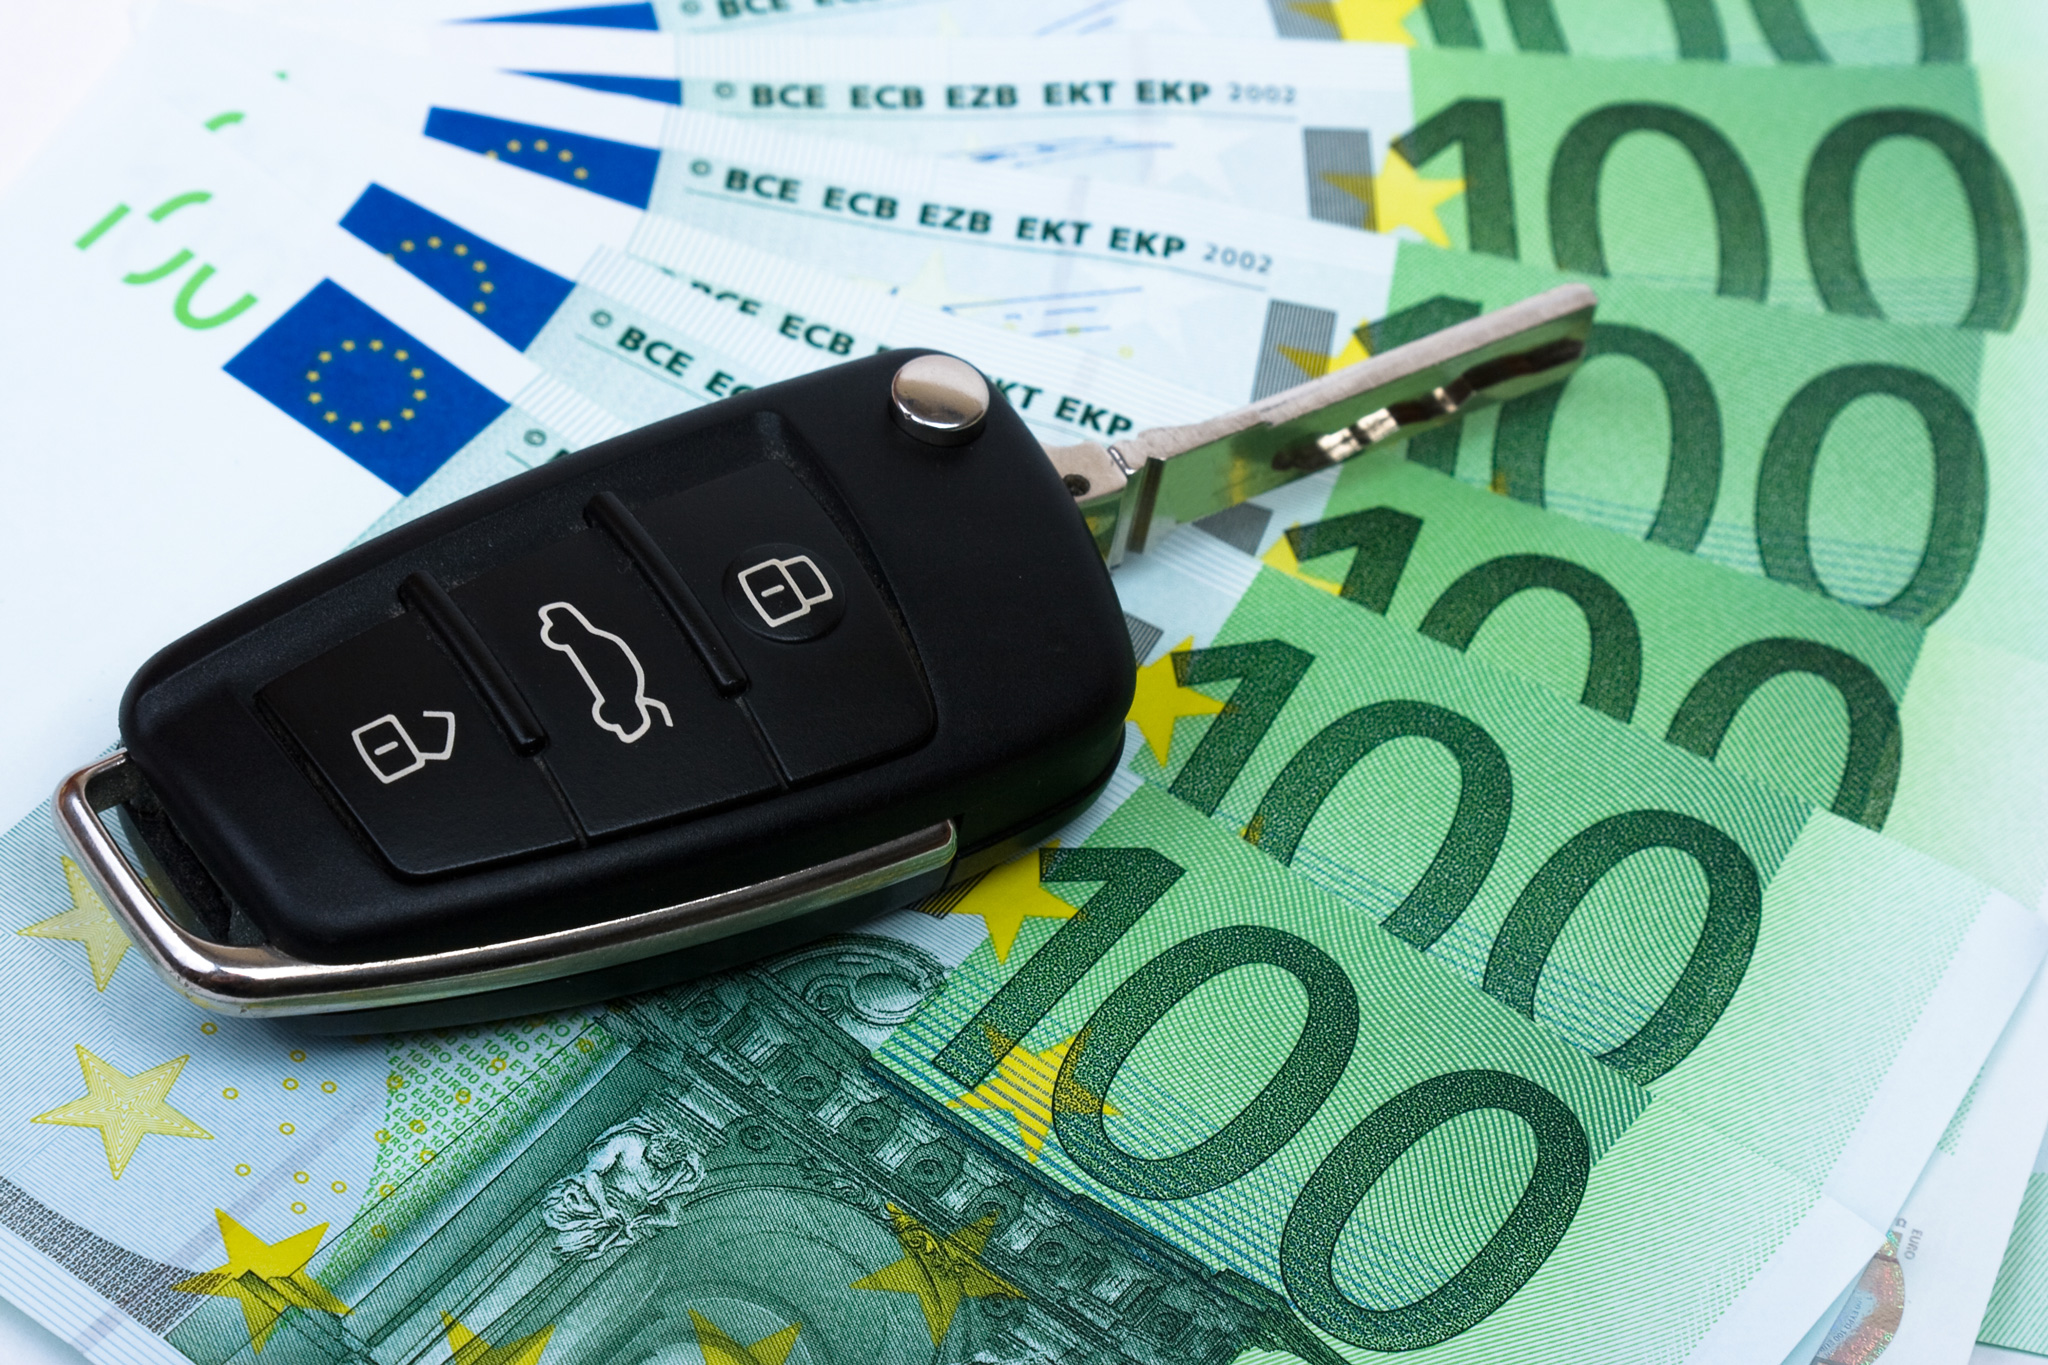 Como poupar dinheiro ao comprar carro novo